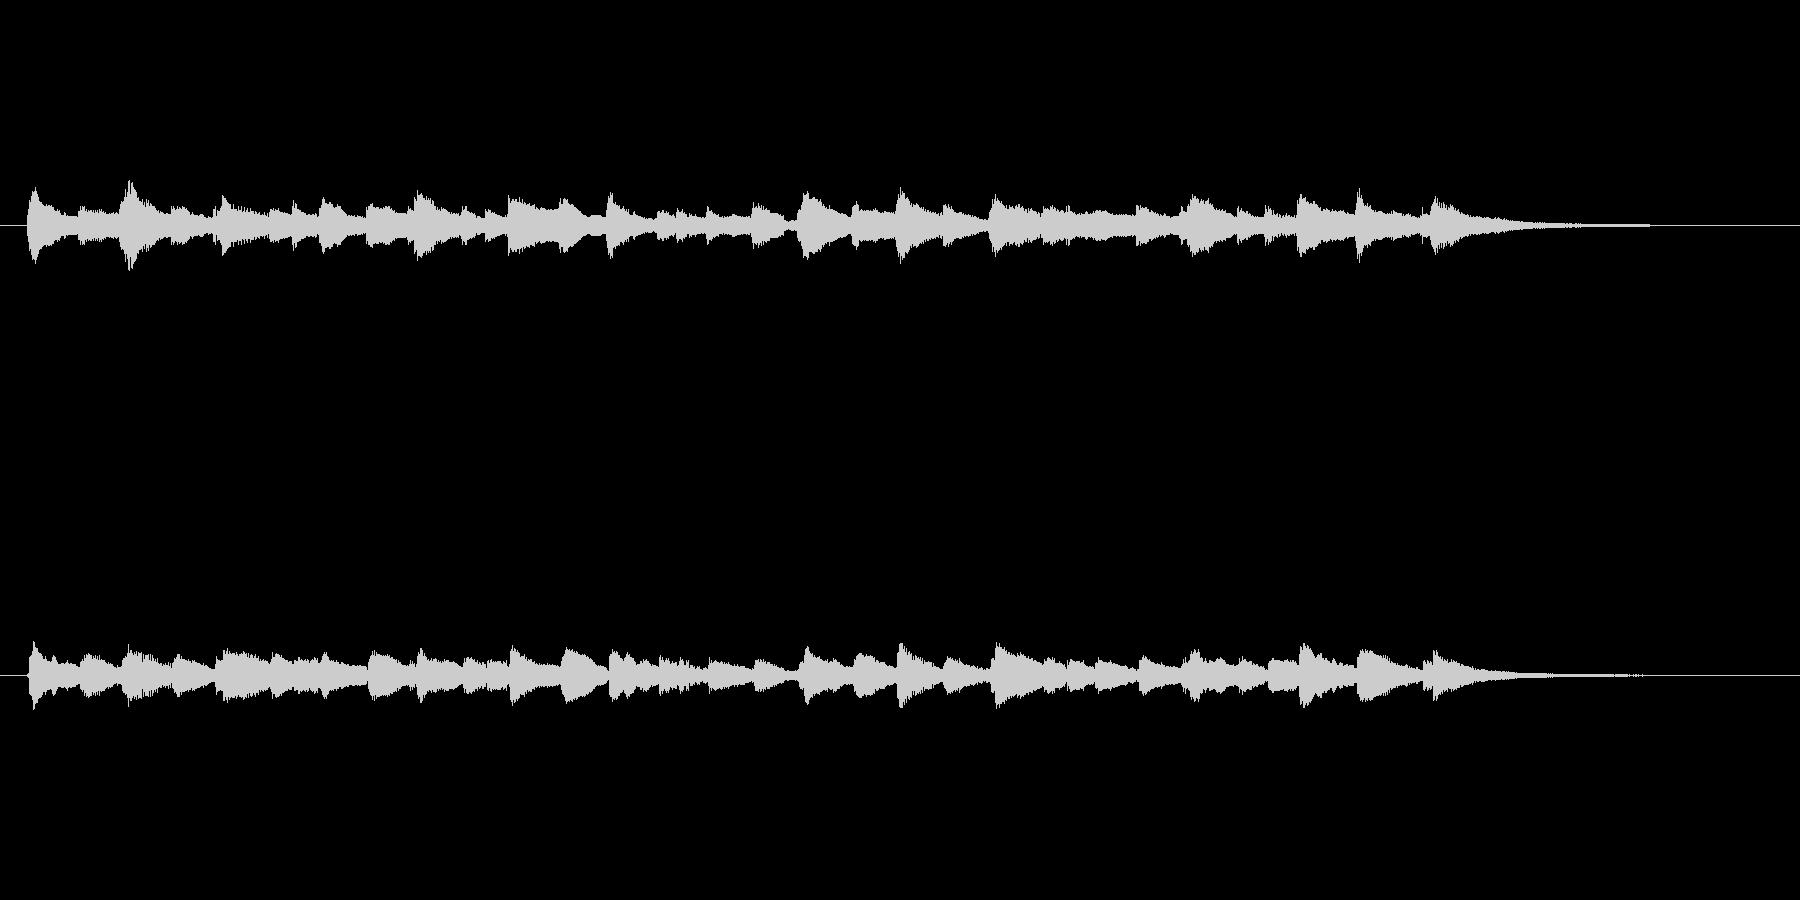 中世チェンバロ風エンディングの未再生の波形